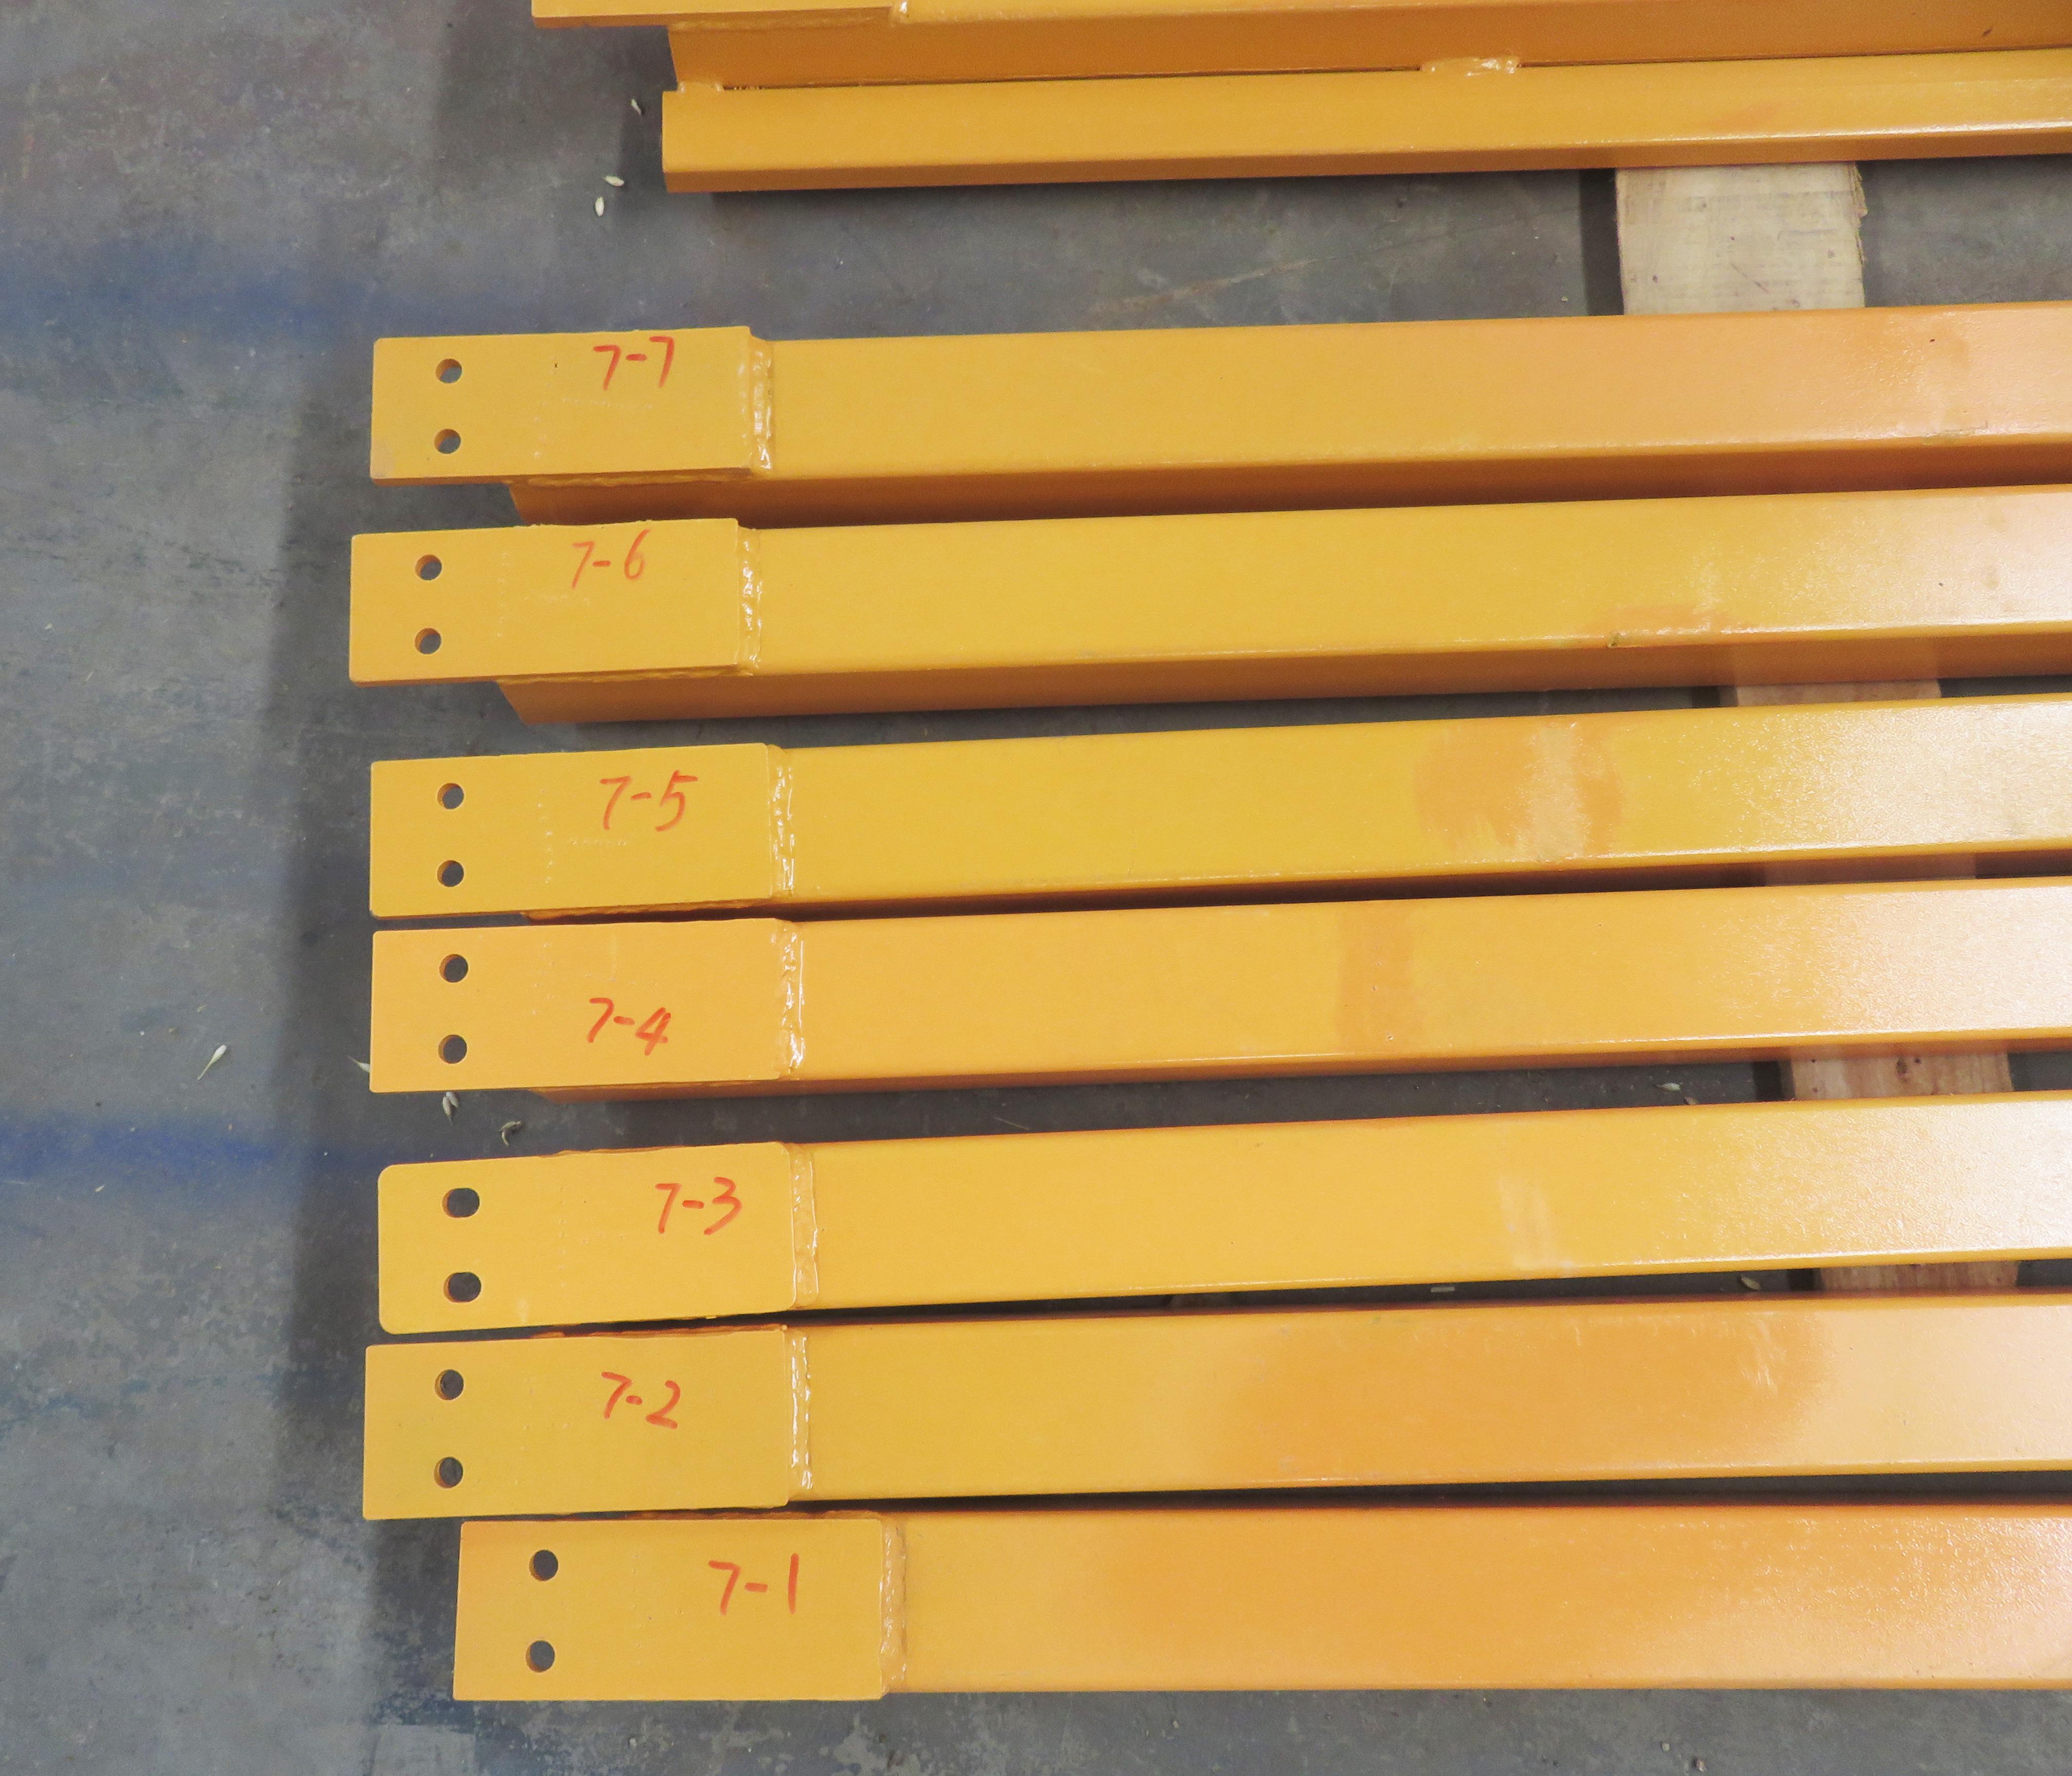 marks on goods lift